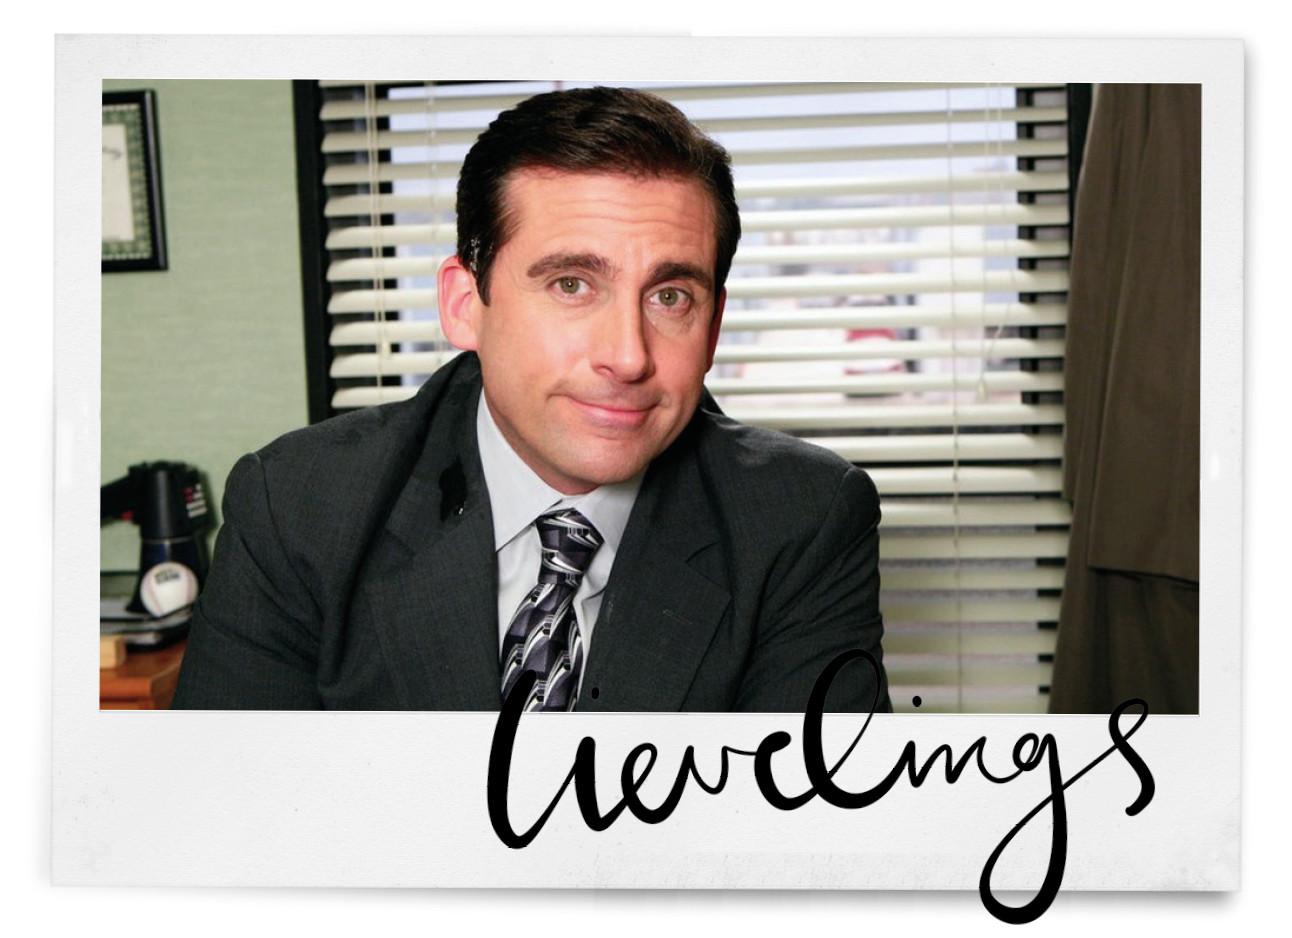 michael scott van the office met een pak aan en stropdas om op kantoor